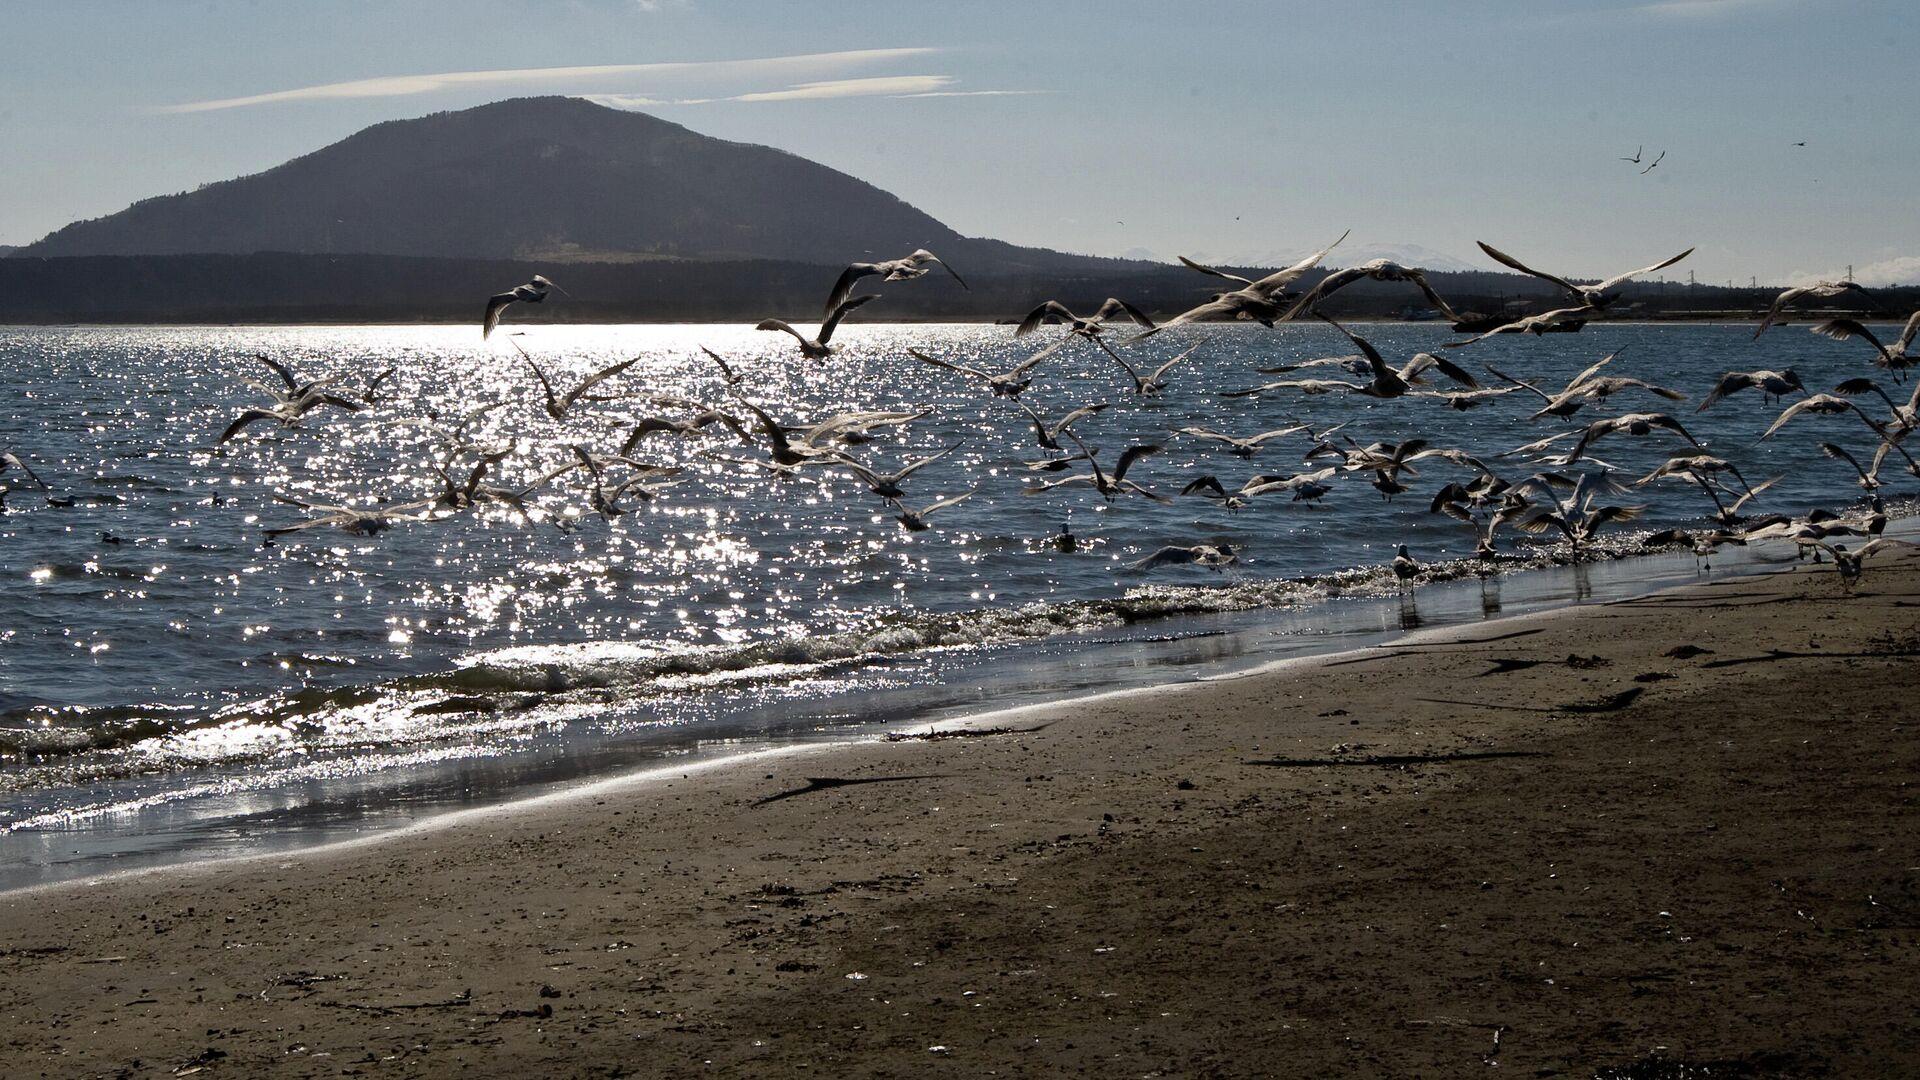 1557244165 0:154:2947:1812 1920x0 80 0 0 a089ca41d1797c32e90ab4f563062153 - Власти прокомментировали сообщения о выбросах морских животных на Курилах